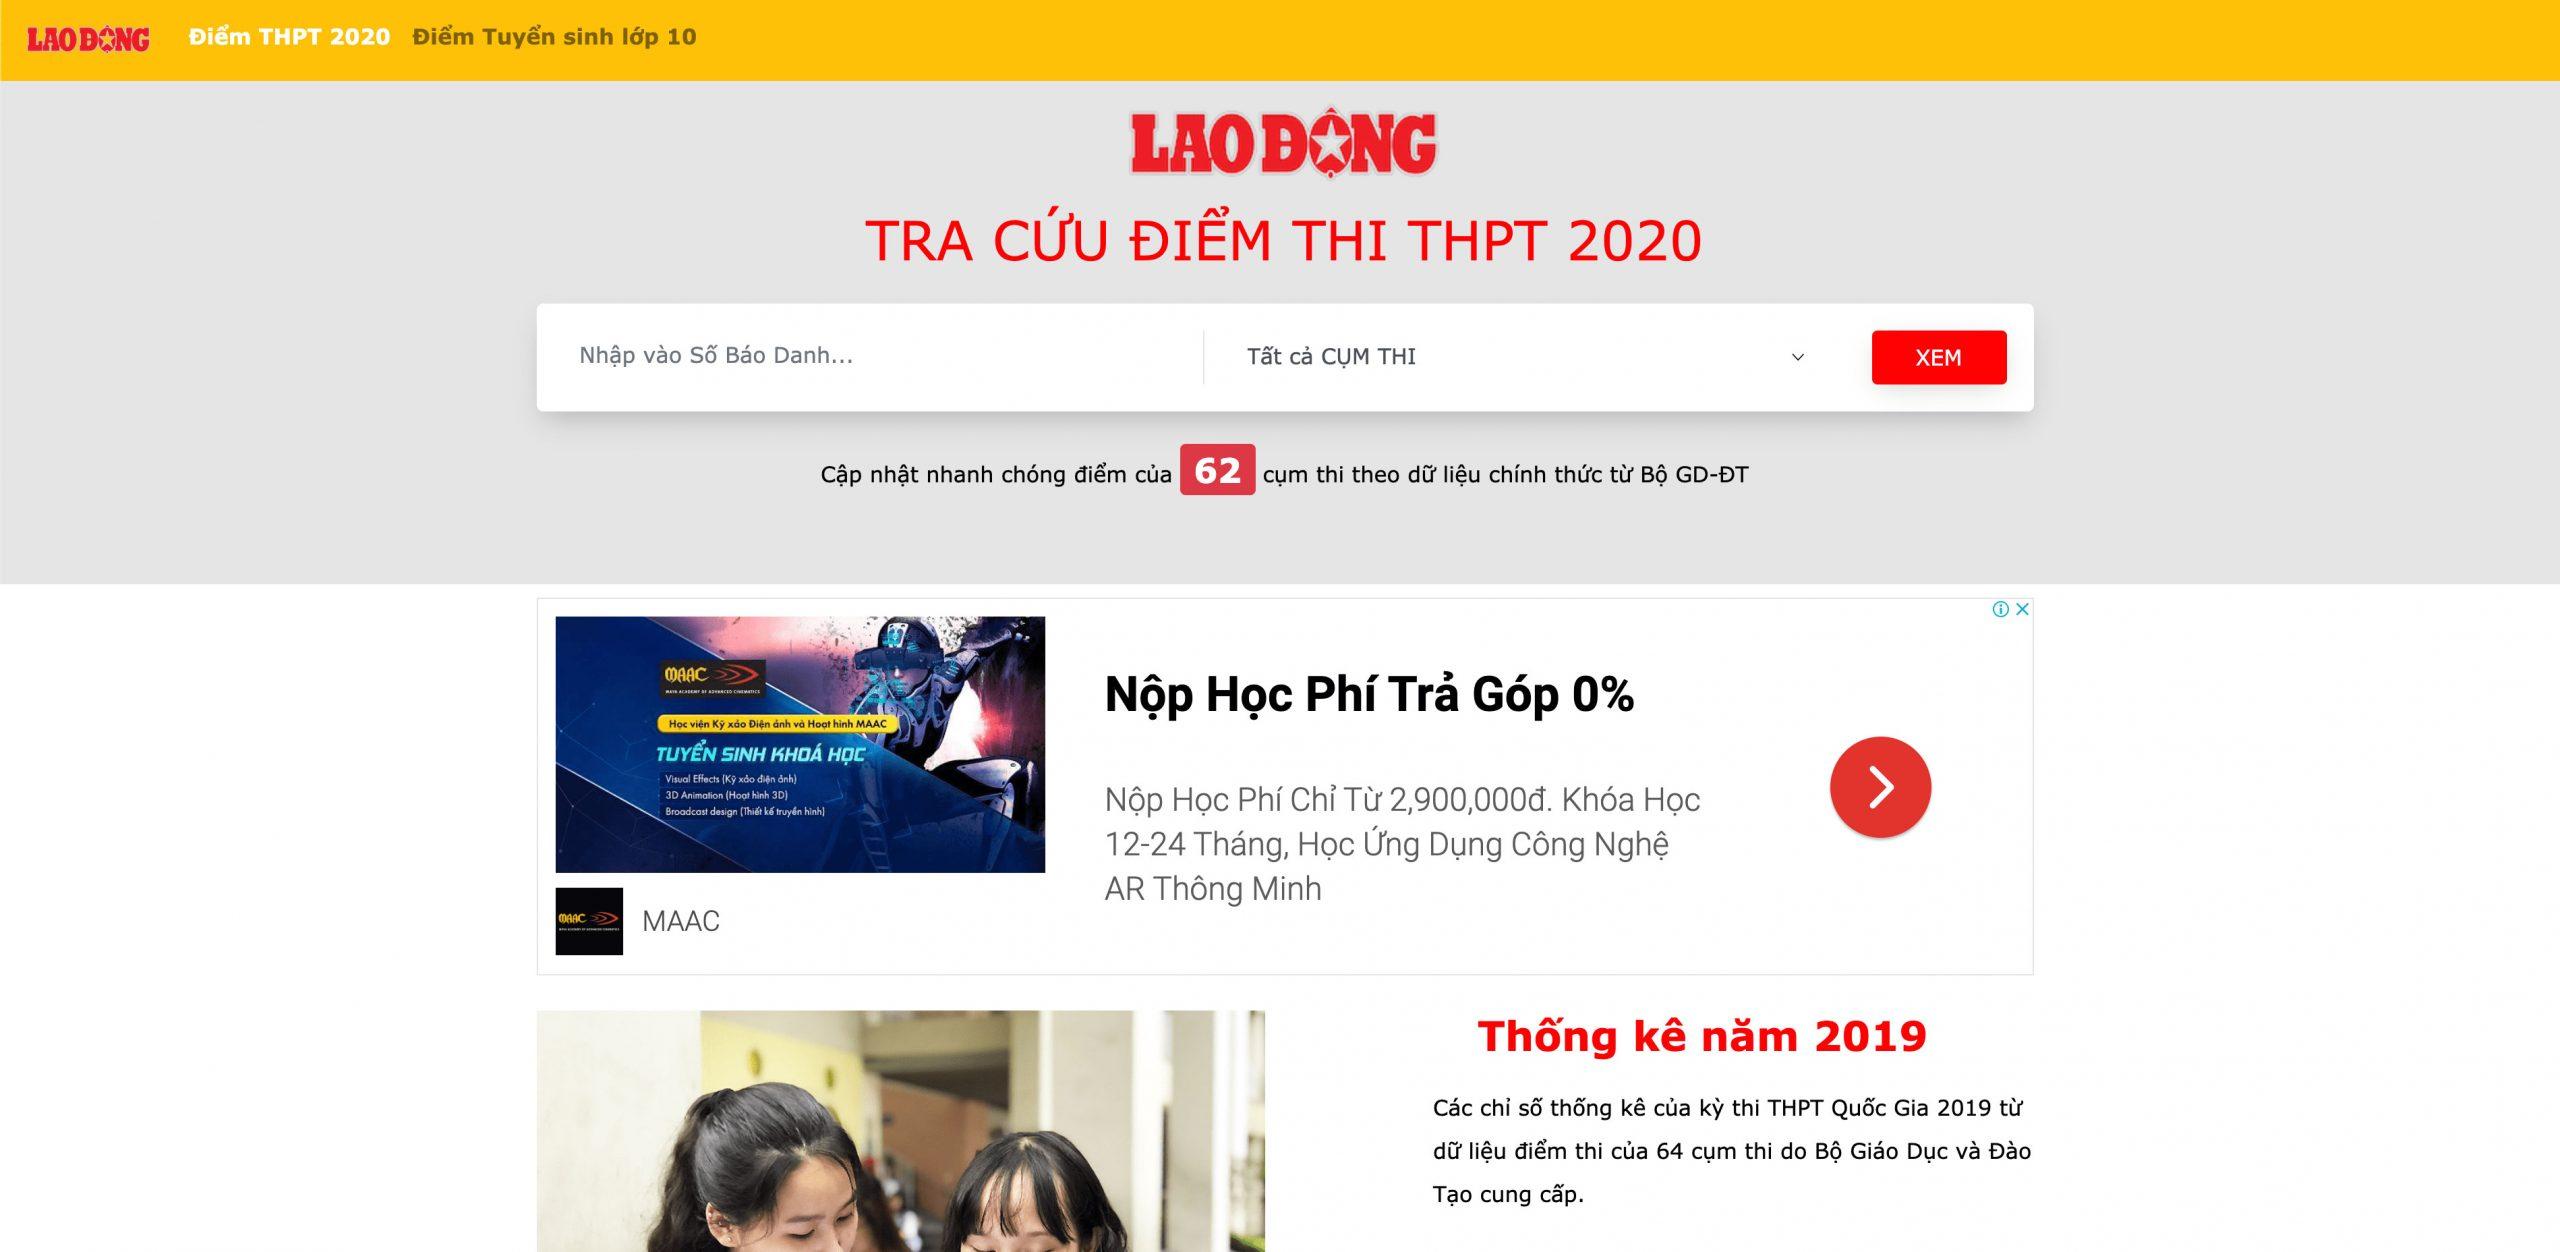 Một số trang tra cứu điểm thiTHPT Quốc gia 2020 theo số báo danh thí sinh: Báo Lao động